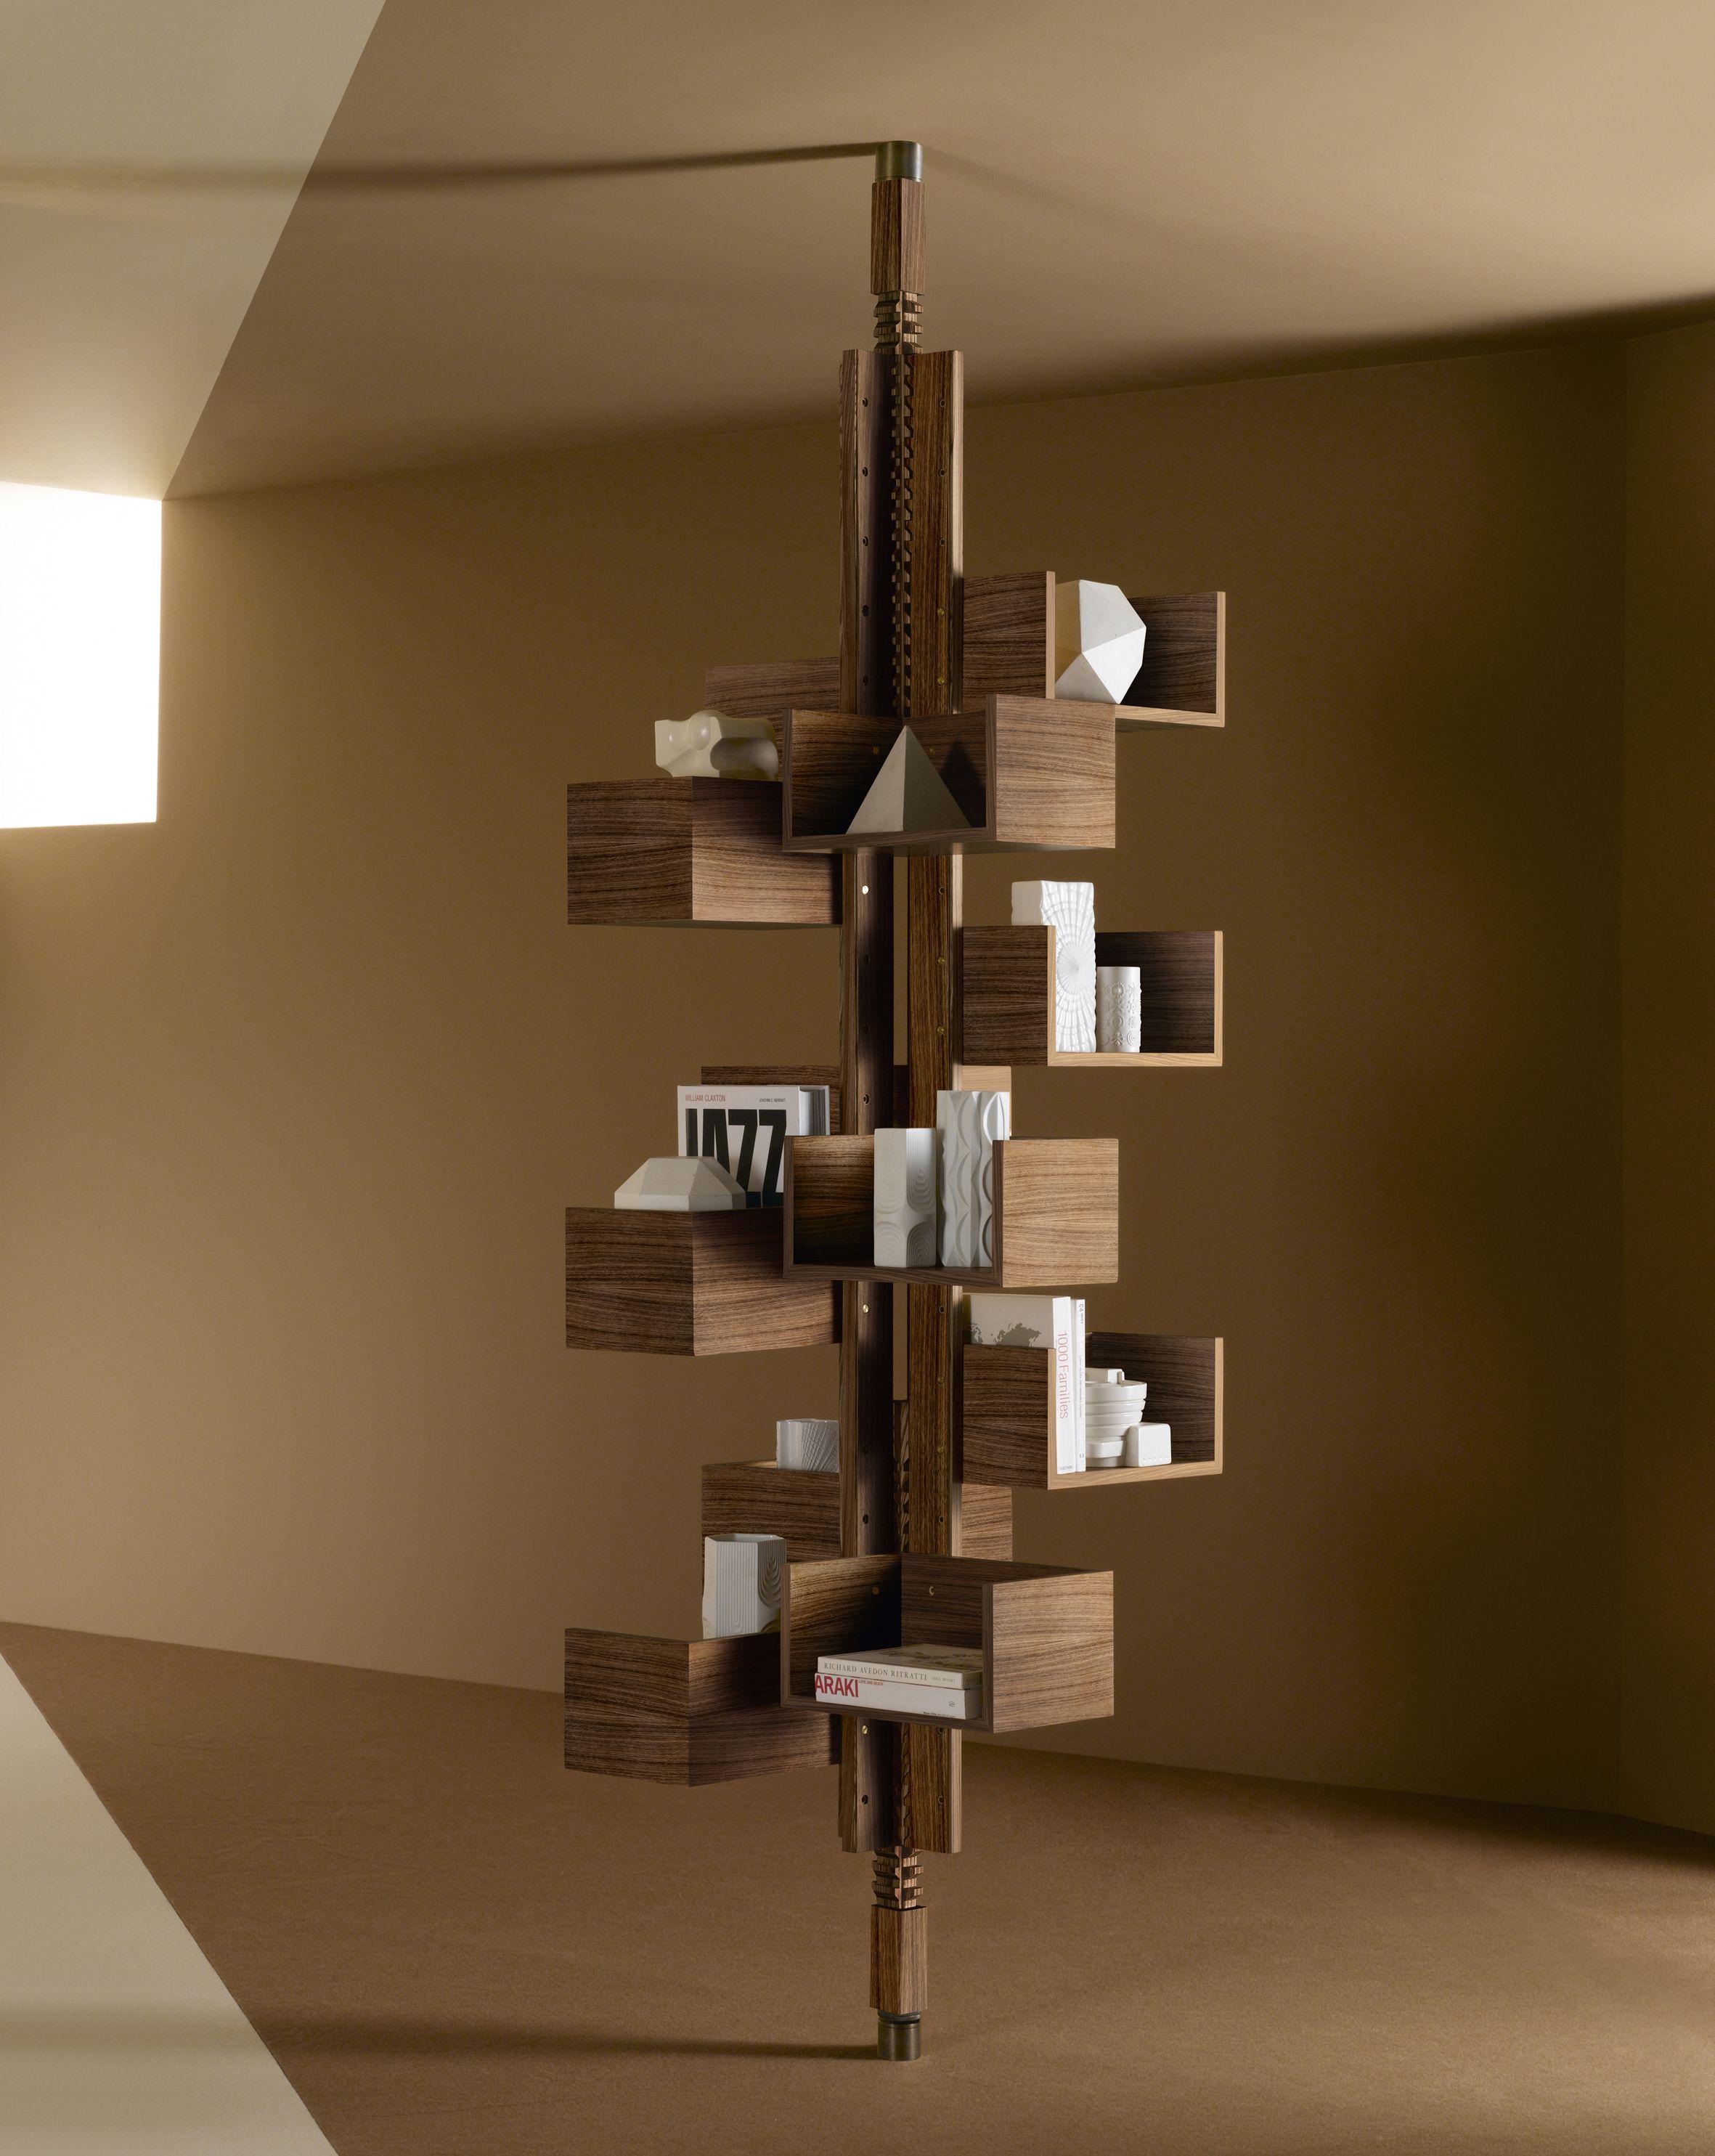 Regale die mehr als Staufläche bieten | Regal, Skulptur und Möbel